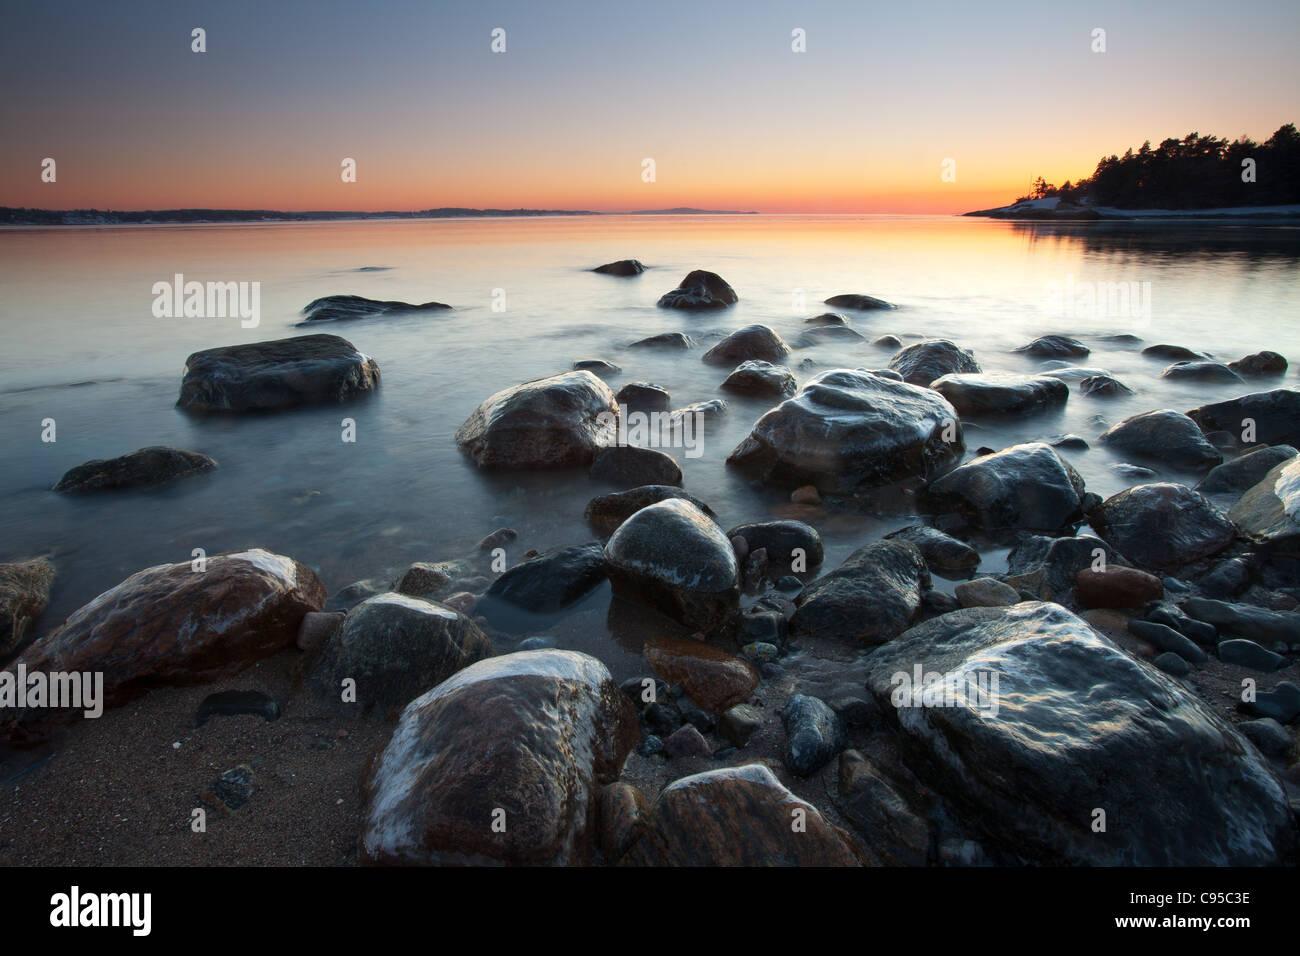 El paisaje costero al atardecer en el horno, por el Fiordo de Oslo, en Østfold kommune, Råde fylke, Noruega. Foto de stock